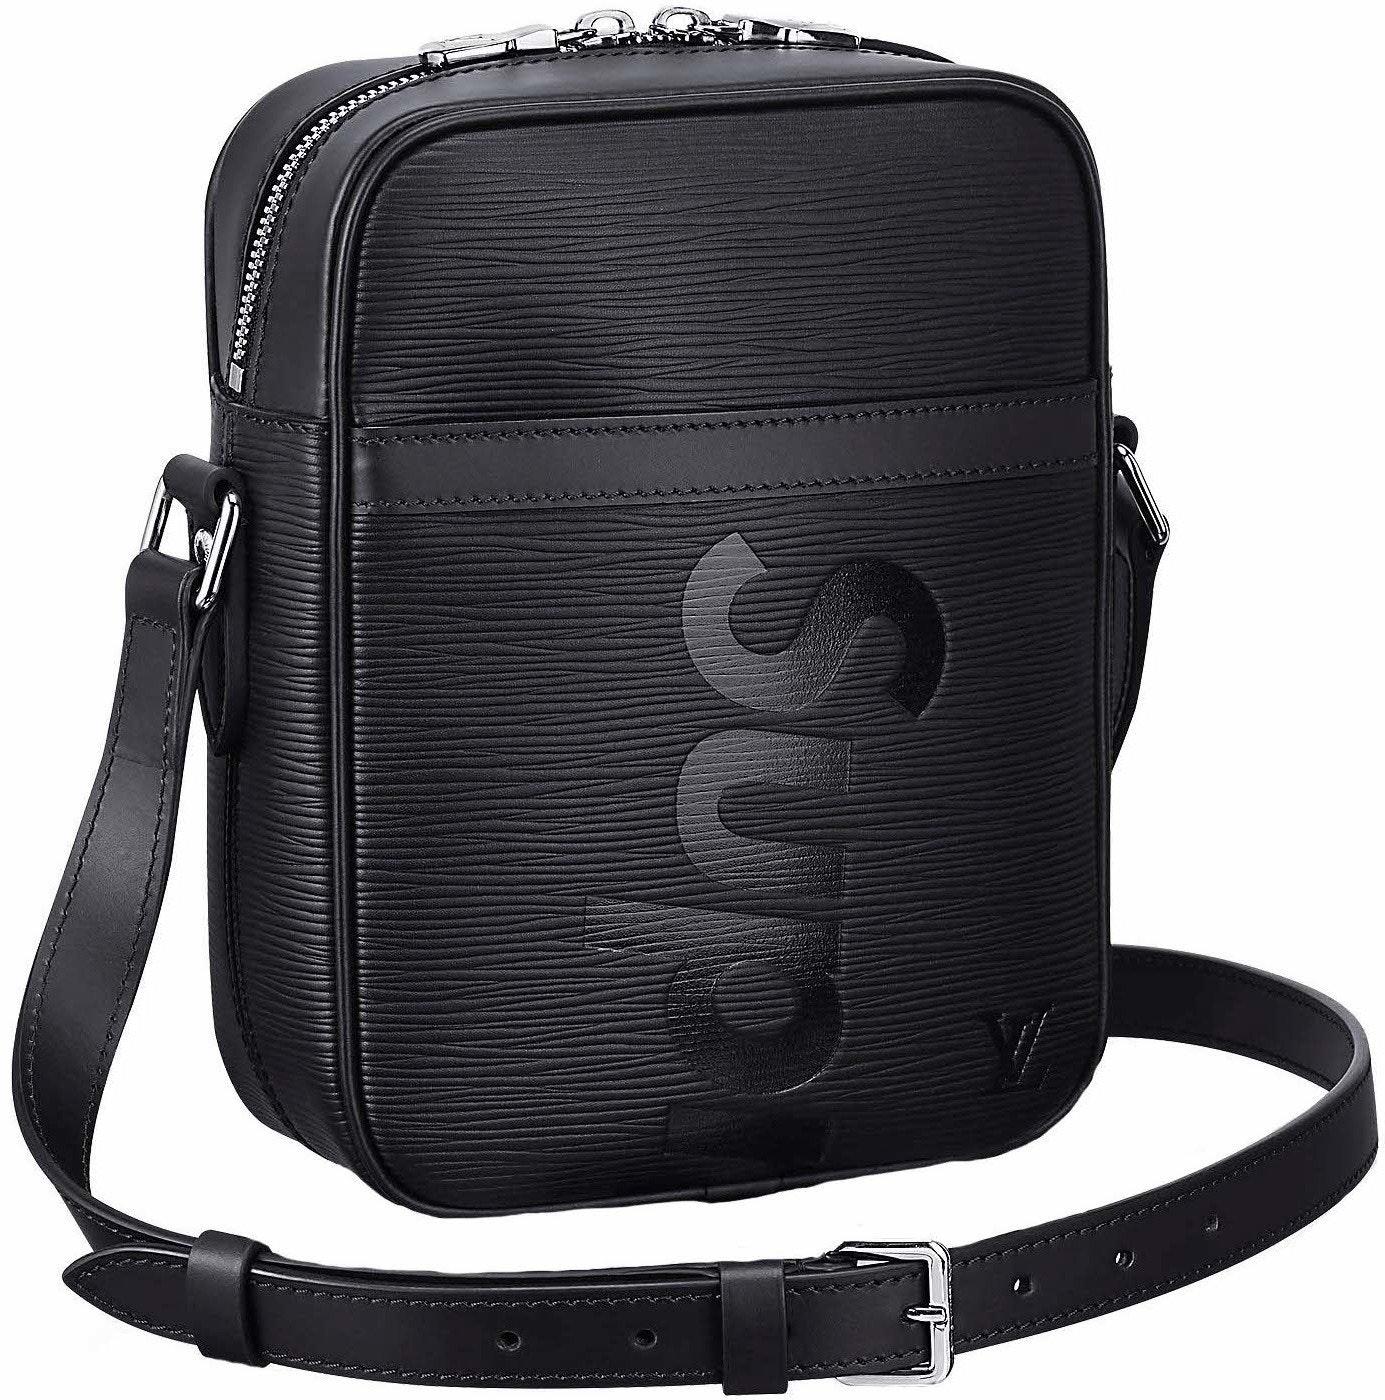 Louis Vuitton x Supreme Danube Epi PM Black